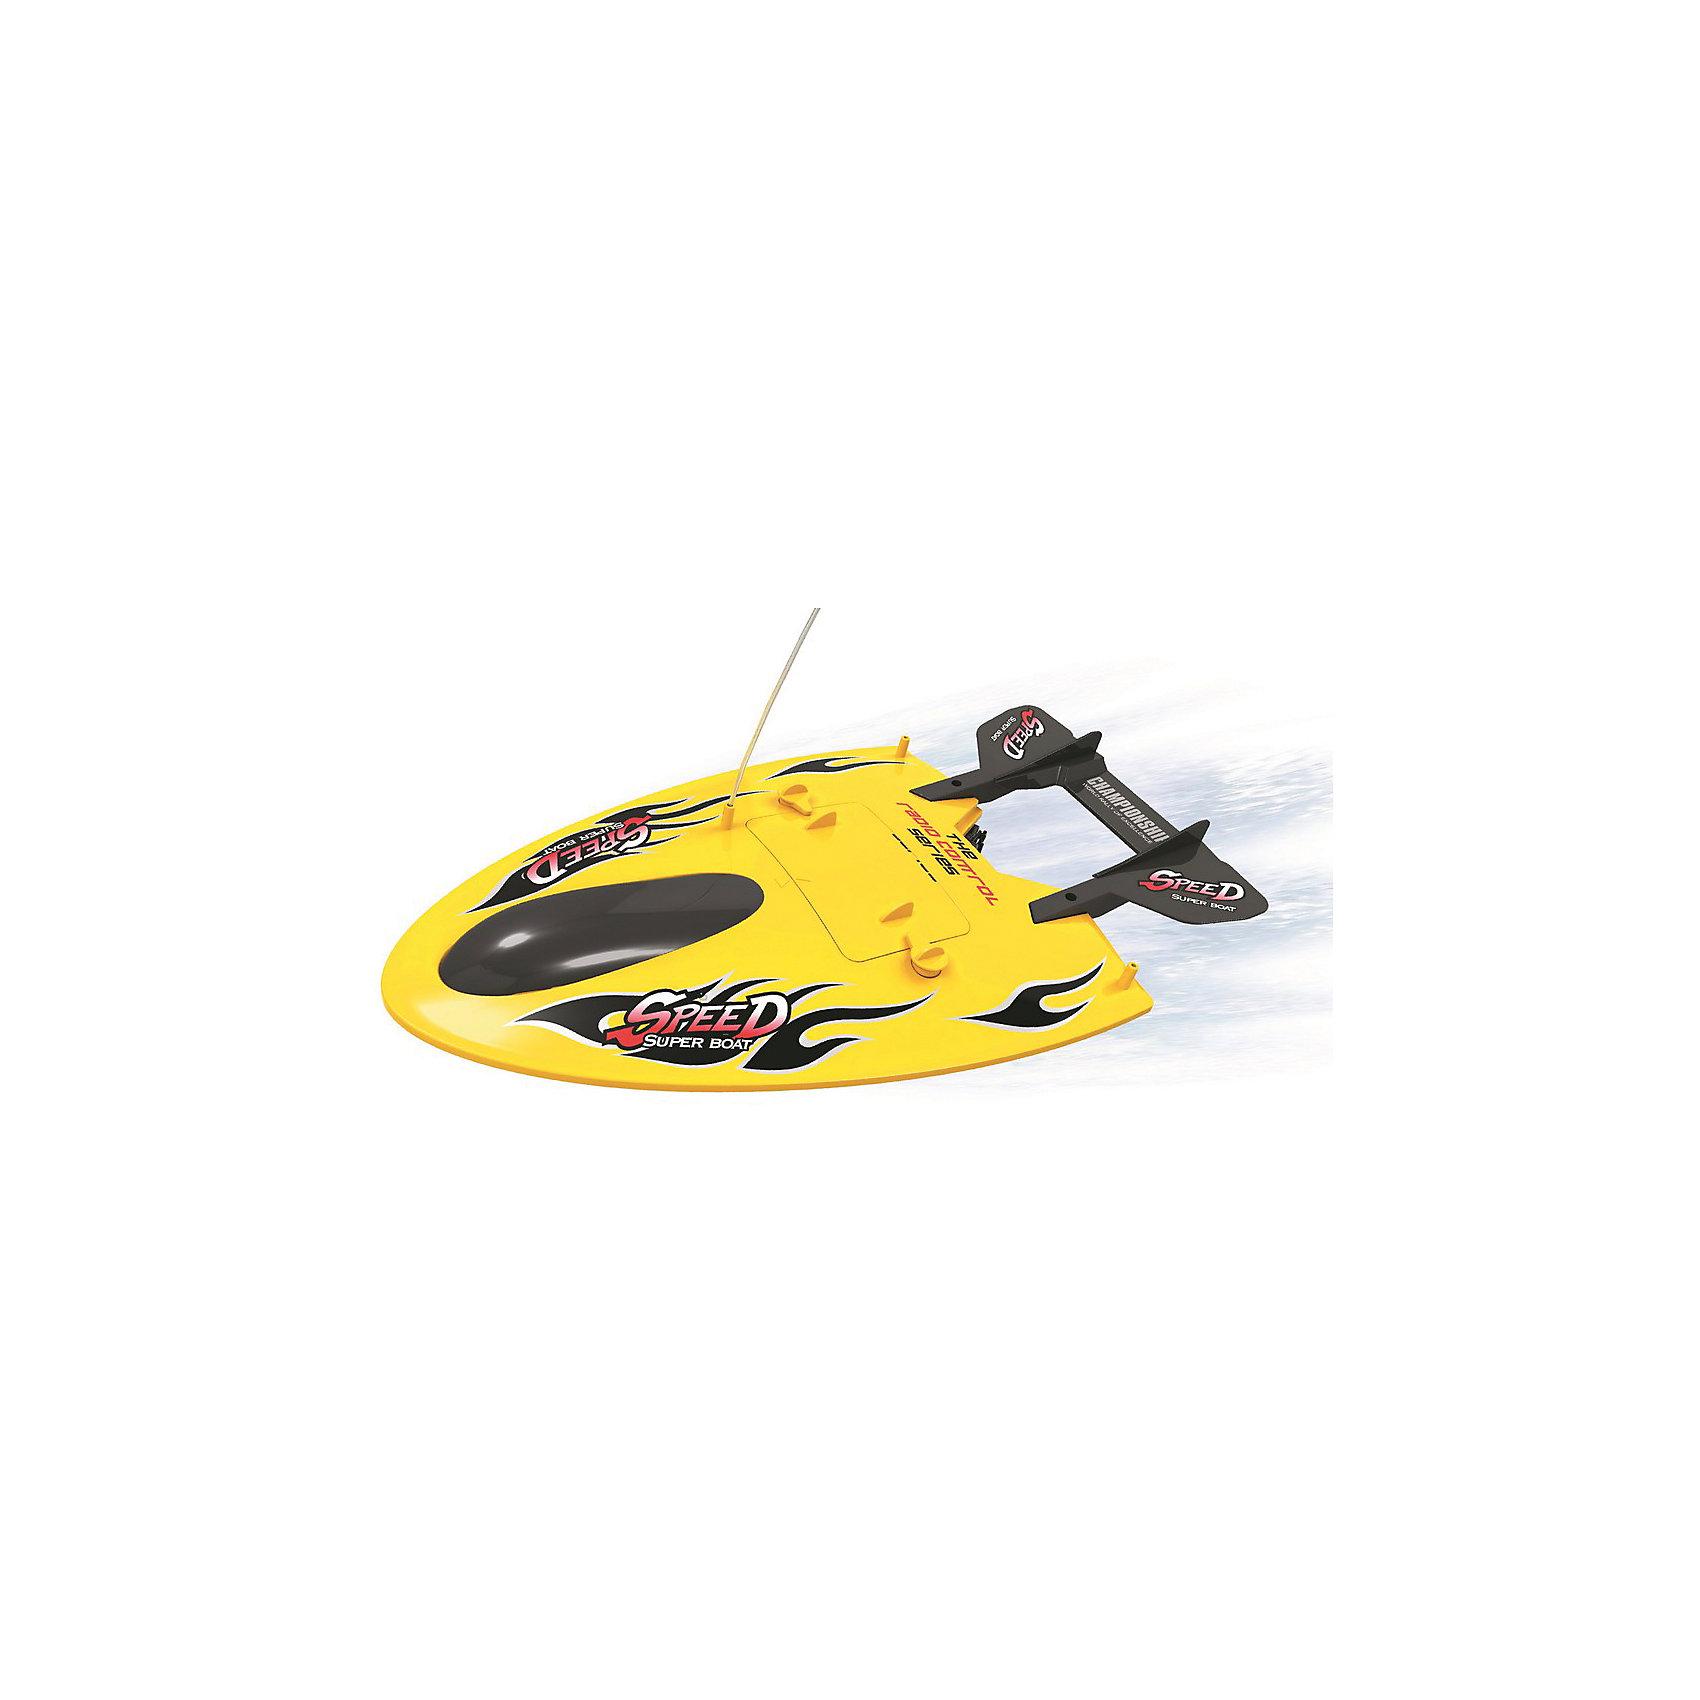 Гоночный ныряющий катер на р/у Чемпионат 1:14, желтый, Властелин небесГоночный ныряющий катер на р/у Чемпионат 1:14, желтый, Властелин небес<br><br>Характеристики:<br><br>• дальность действия до 25 метров<br>• не пропускает воду внутрь<br>• ездит влево, вправо, вперёд и назад<br>• частота: 27 МГц<br>• размер катера: 43х25 см<br>• размер упаковки: 47х29х14 см<br>• вес: 1001 грамм<br>• в комплекте: катер, пульт управления, аккумулятор, зарядное устройство<br>• батарейки: АА - 2 шт. (не входят в комплект)<br>• цвет: желтый<br><br>Катер Чемпионат - настоящий подарок для любителей гонок на воде! Игрушка управляется с помощью пульта и отлично выполняет команды. Катер может ездить вперед, назад, влево и вправо. Большая дальность действия (до 25 метров) позволит вам устраивать самые долгие заплывы. Корпус изготовлен из прочного пластика. Он не пропускает воду внутрь во избежание повреждений. <br>Для работы необходимы две батарейки АА (не входят в комплект)<br><br>Гоночный ныряющий катер на р/у Чемпионат 1:14, желтый, Властелин небес можно купить в нашем интернет-магазине.<br><br>Ширина мм: 140<br>Глубина мм: 470<br>Высота мм: 290<br>Вес г: 2000<br>Возраст от месяцев: 96<br>Возраст до месяцев: 2147483647<br>Пол: Мужской<br>Возраст: Детский<br>SKU: 5397110